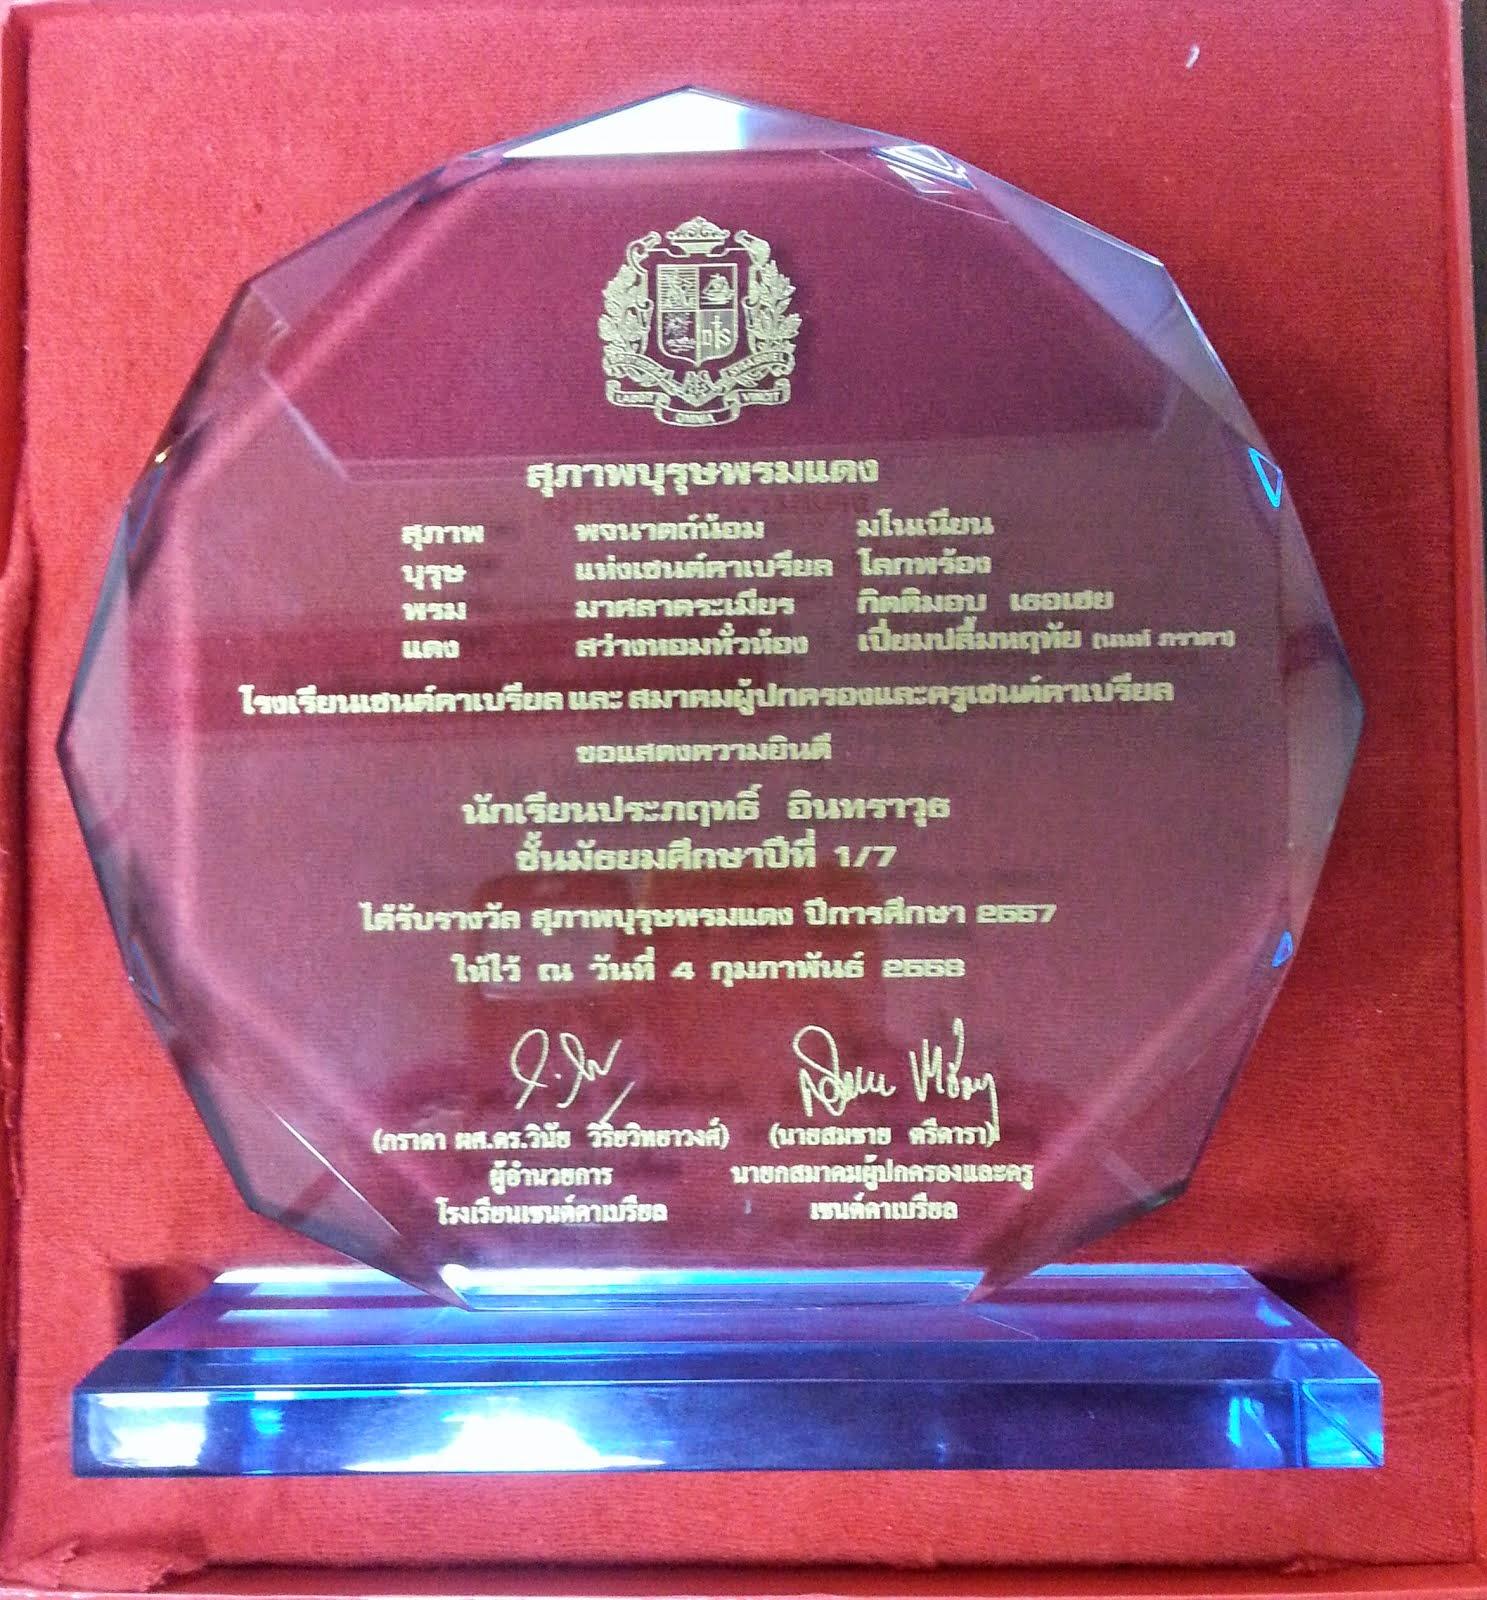 รางวัลสุภาพบุรุษพรมแดง SG Star 2014